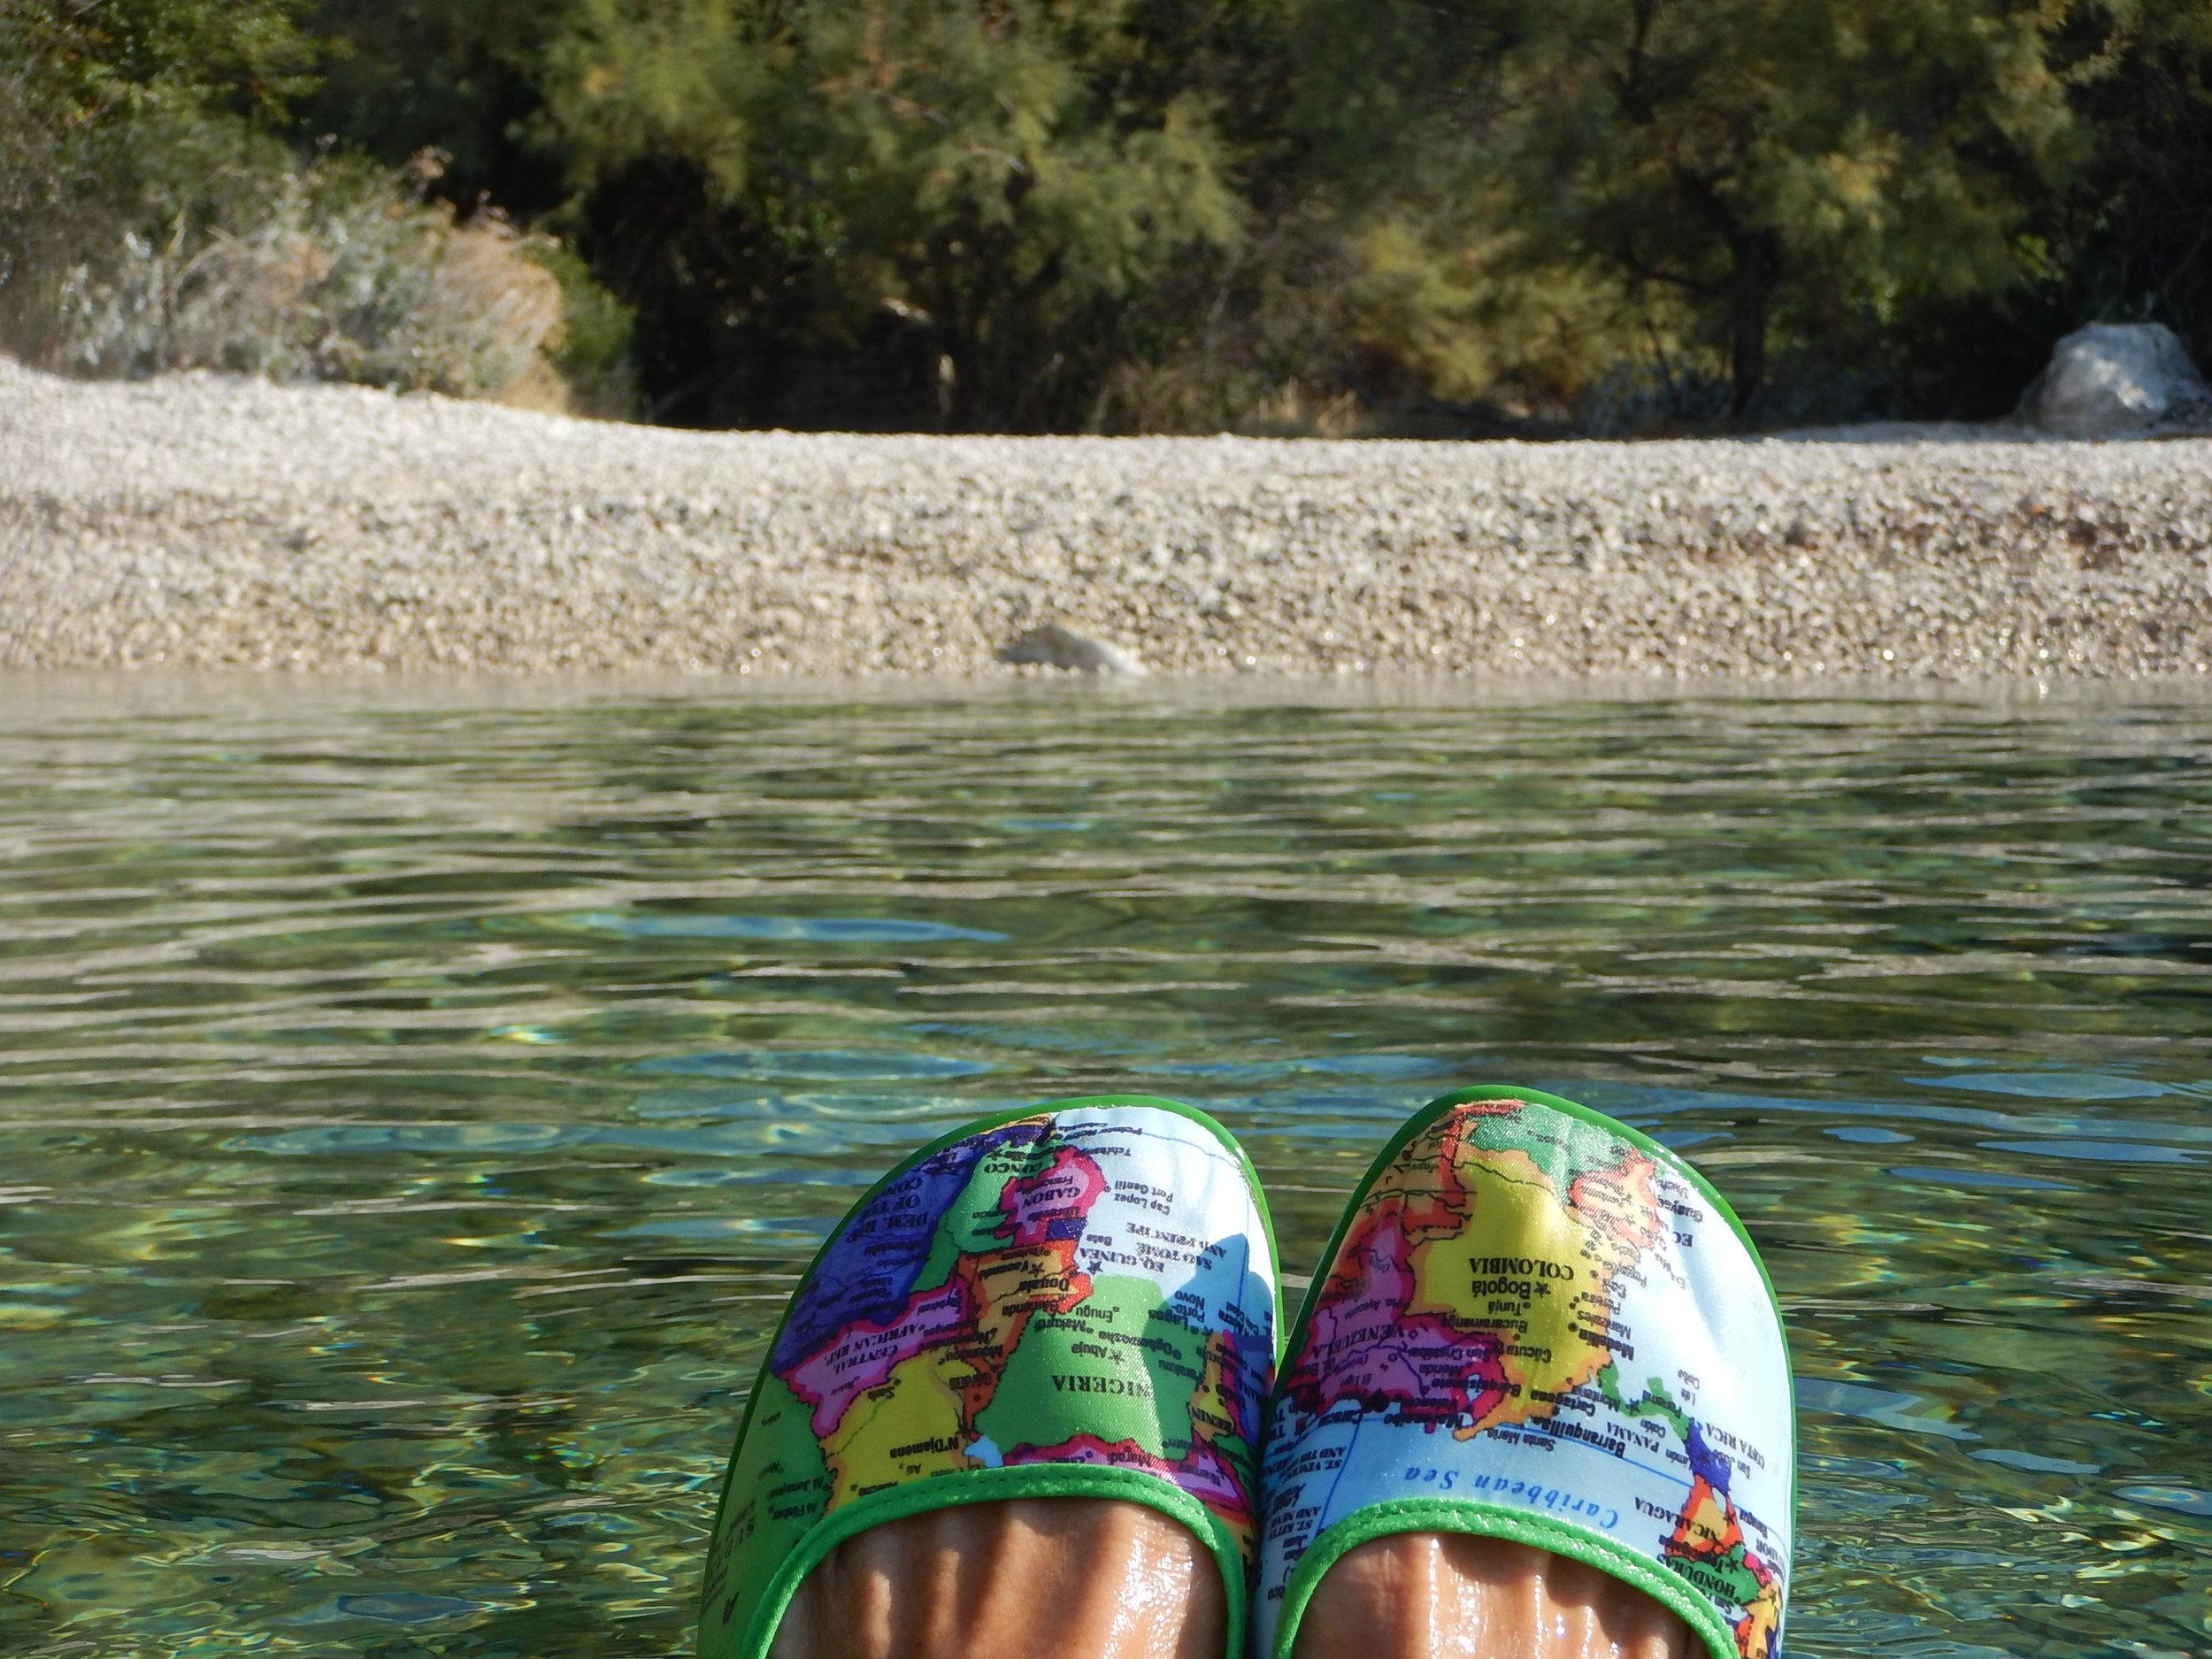 Off Korcula Island, Croatia